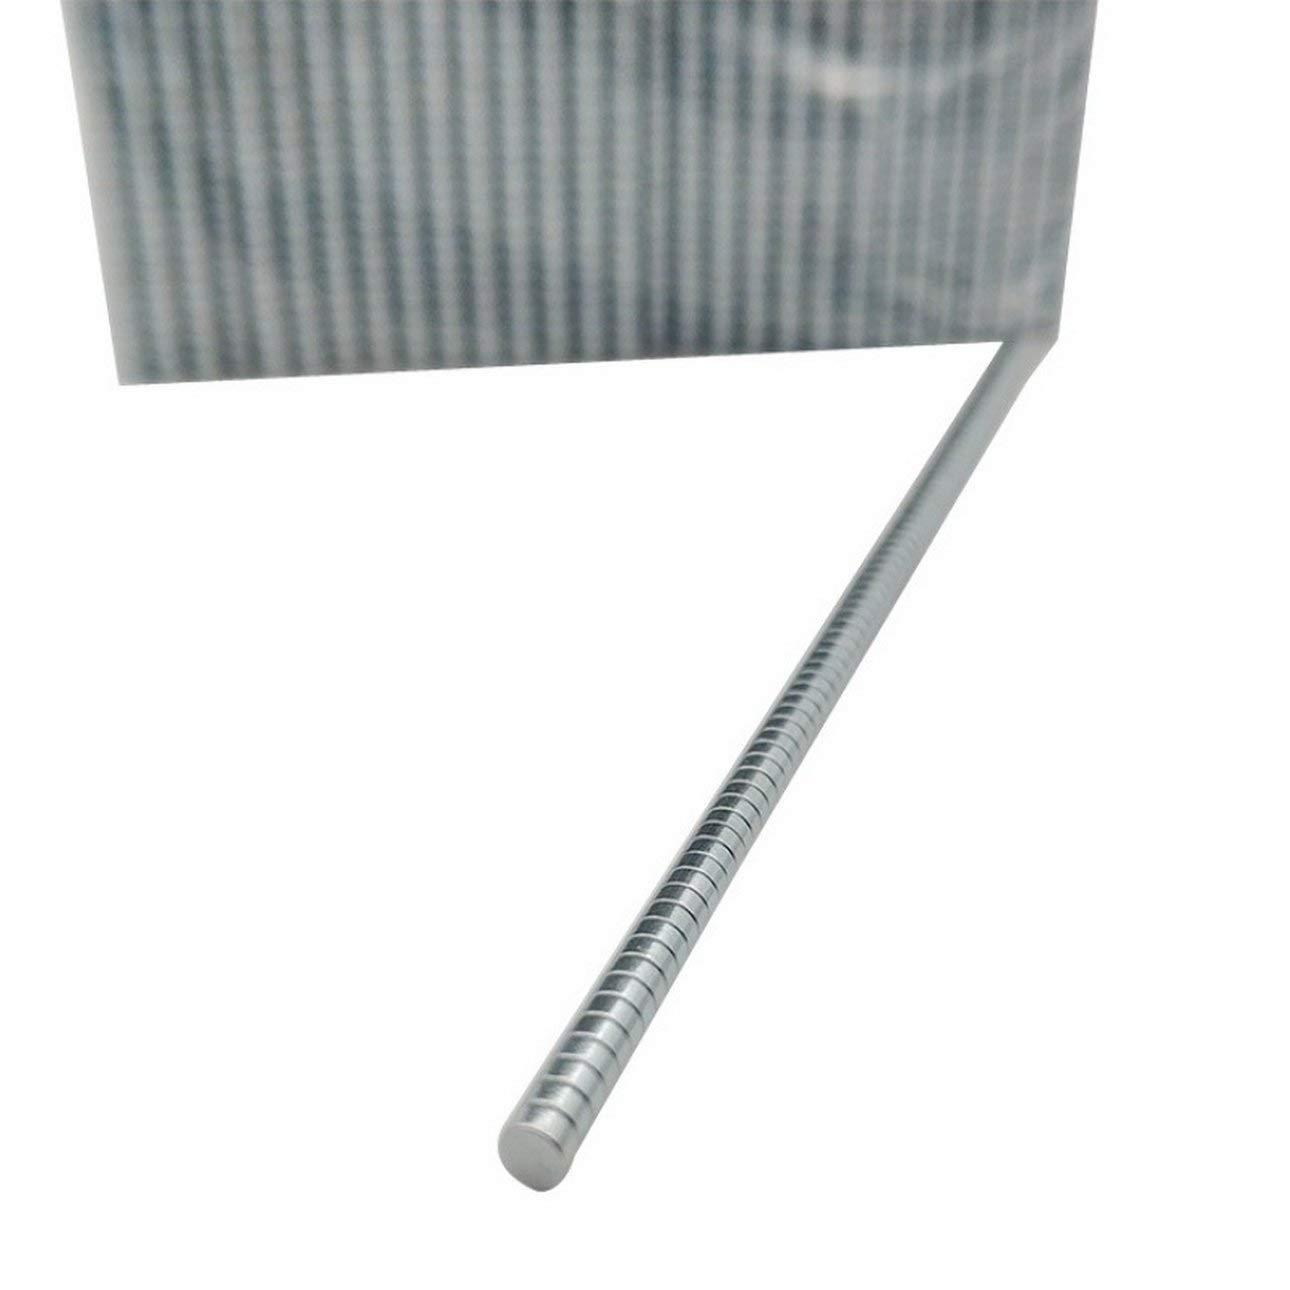 1.5mm Pudincoco 100pcs Aimant Permanent N35 NdFeB Super Forte Puissant Petit Tour Magnet Magn/étique Rond Disque 3